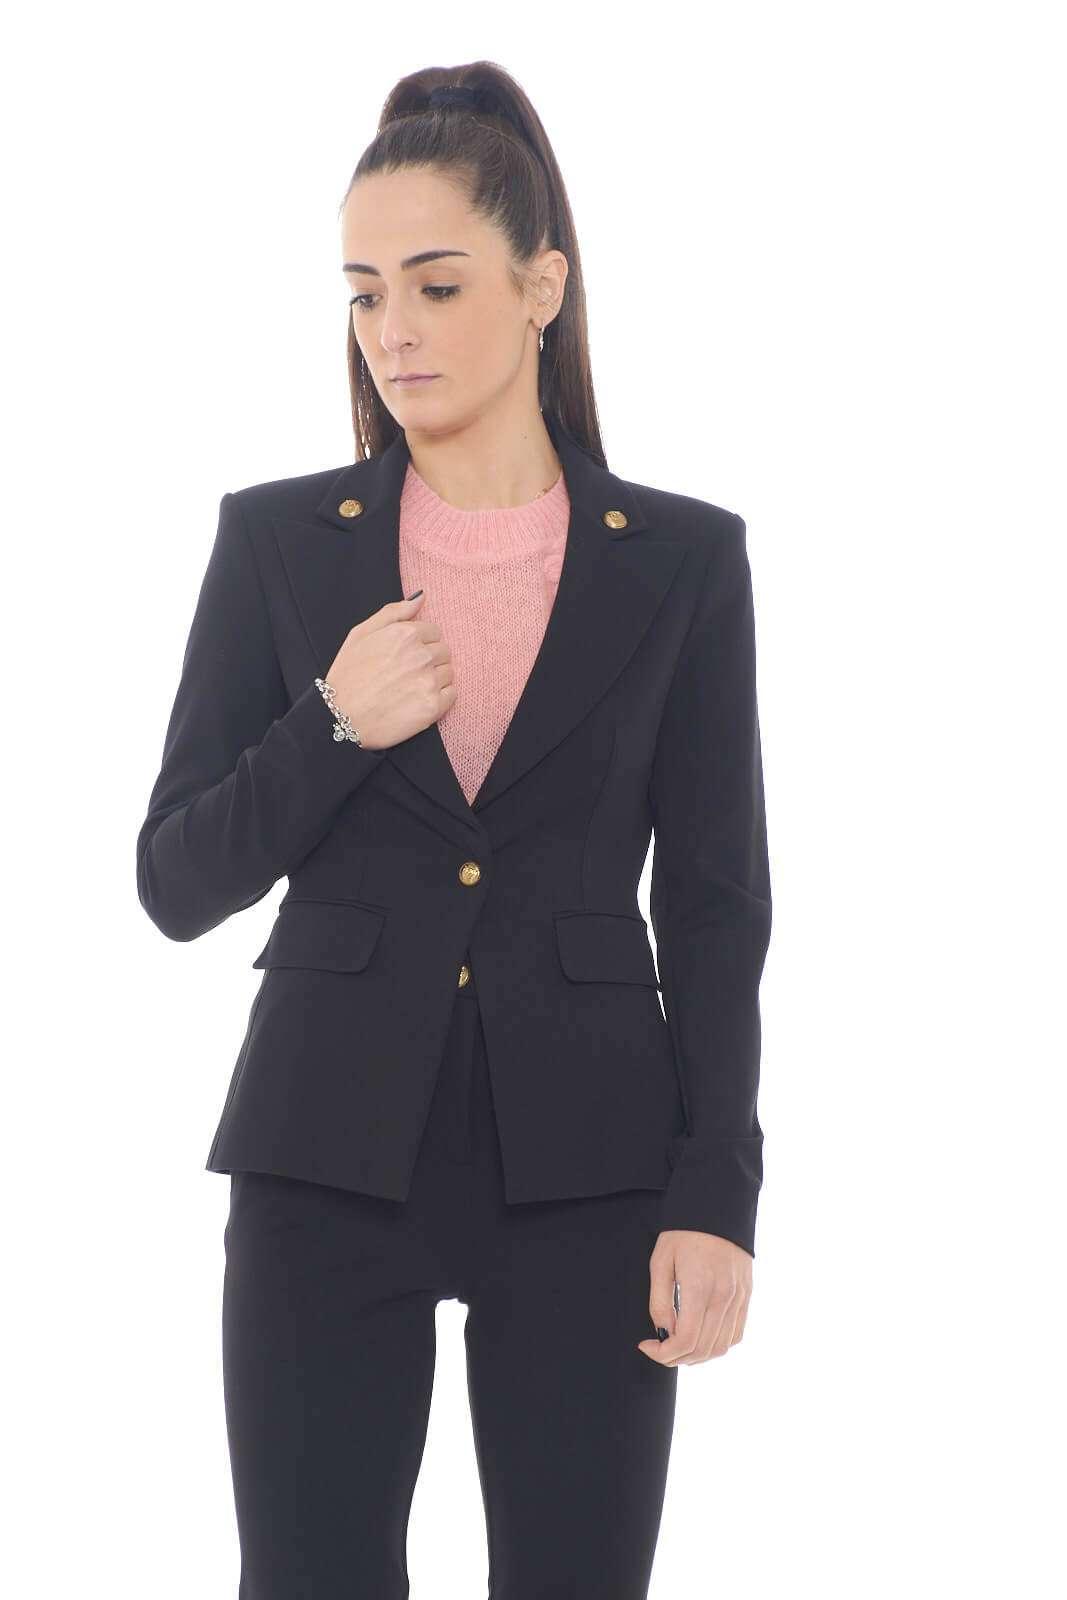 Scopri la nuova giacca donna in punto stoffa proposta per la collezione donna Pinko. Il tessuto stretch oltre che renderla femminile, permette di indossarla con confort per un look unico. Da abbinare ad ogni stile è un evergreen.